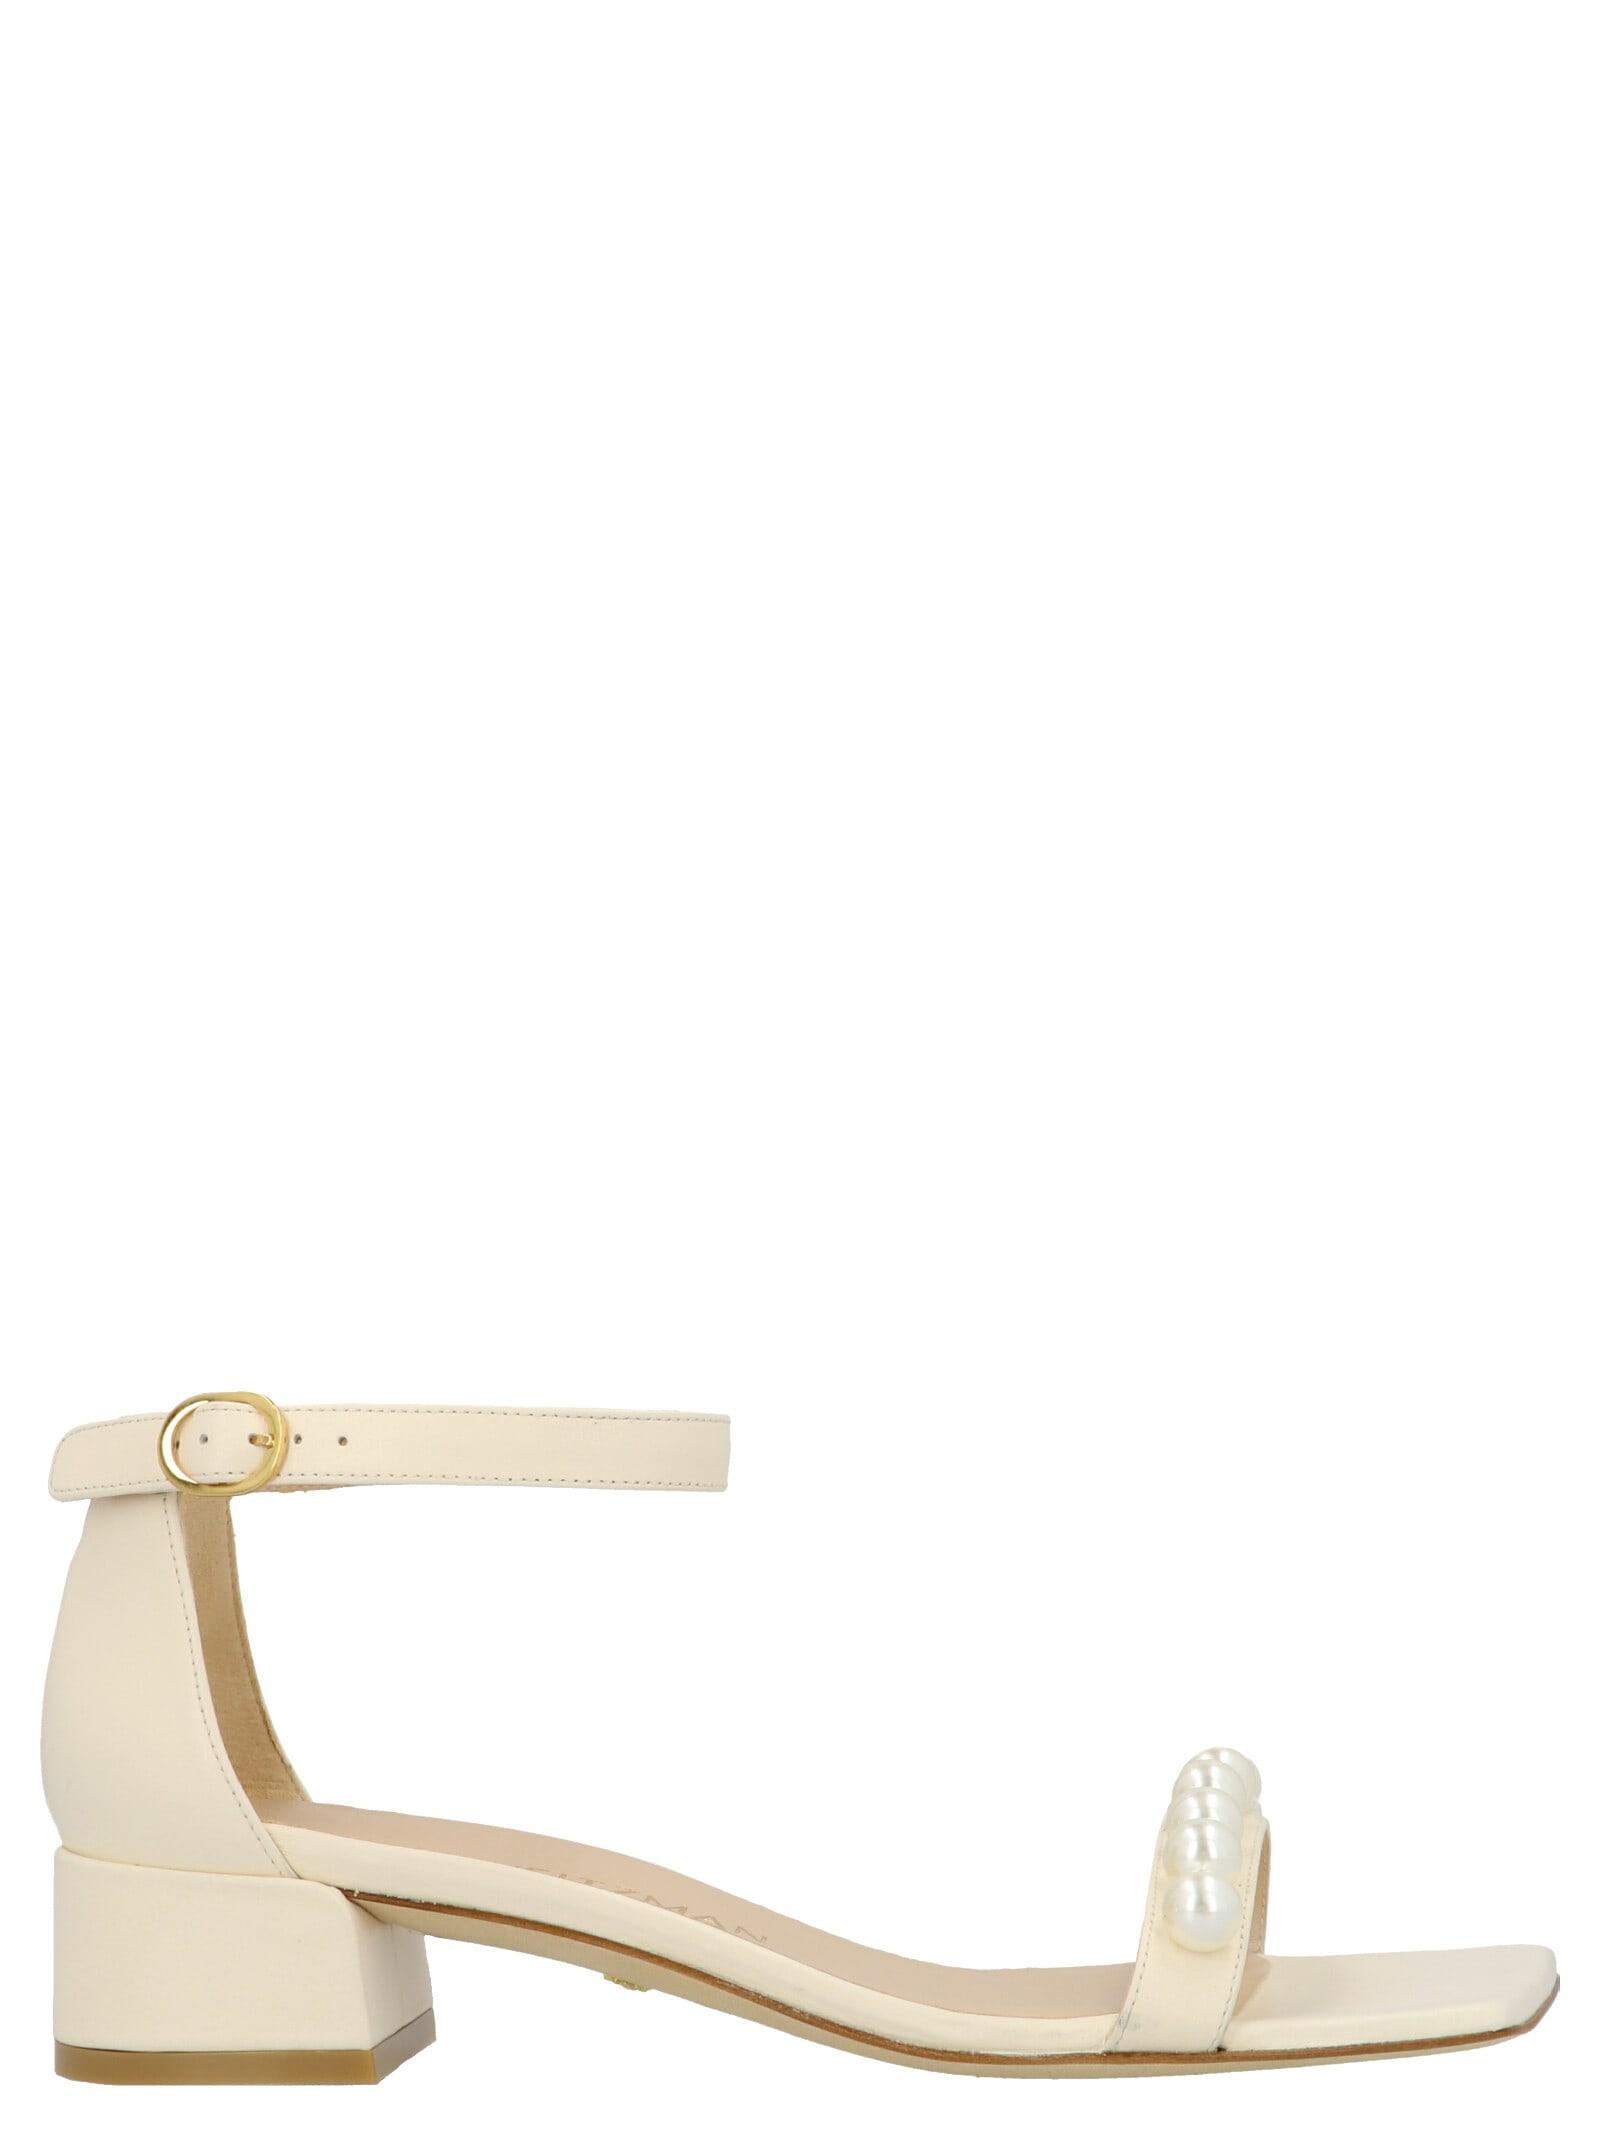 Stuart Weitzman nudist June Shoes